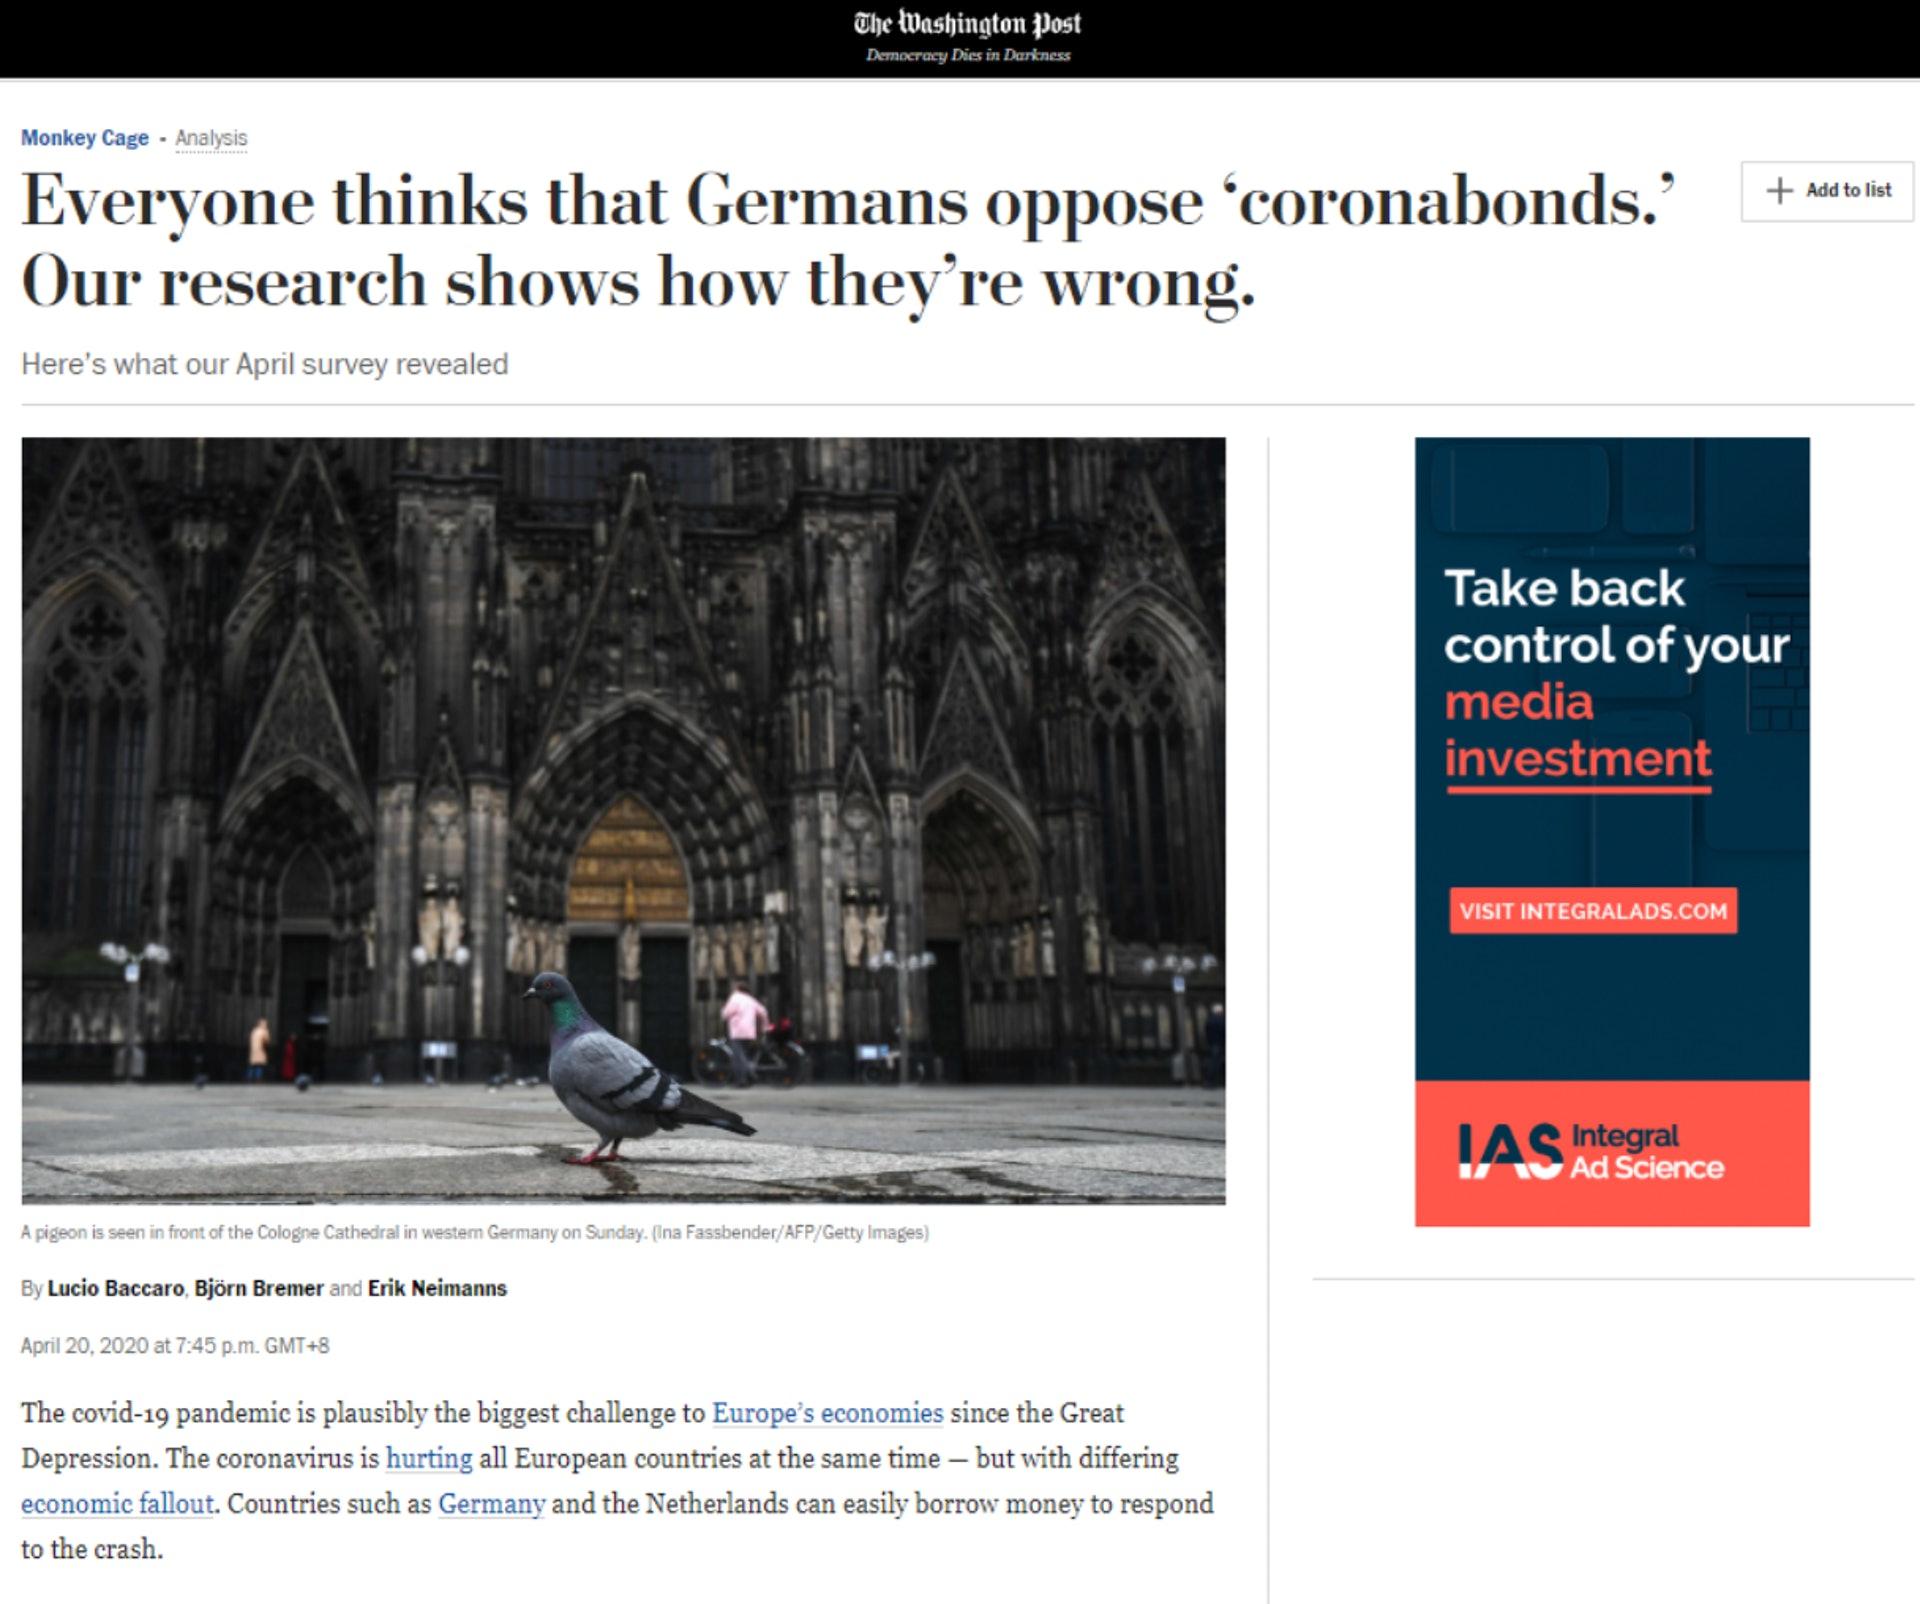 各界普遍认为德国反对共同担债。 然而《华盛顿邮报》4月民调结果显示,如果考虑到意大利可能脱欧的前景,大部分德国受访者并不反对「新冠债券」。 (《华邮》网站截图)